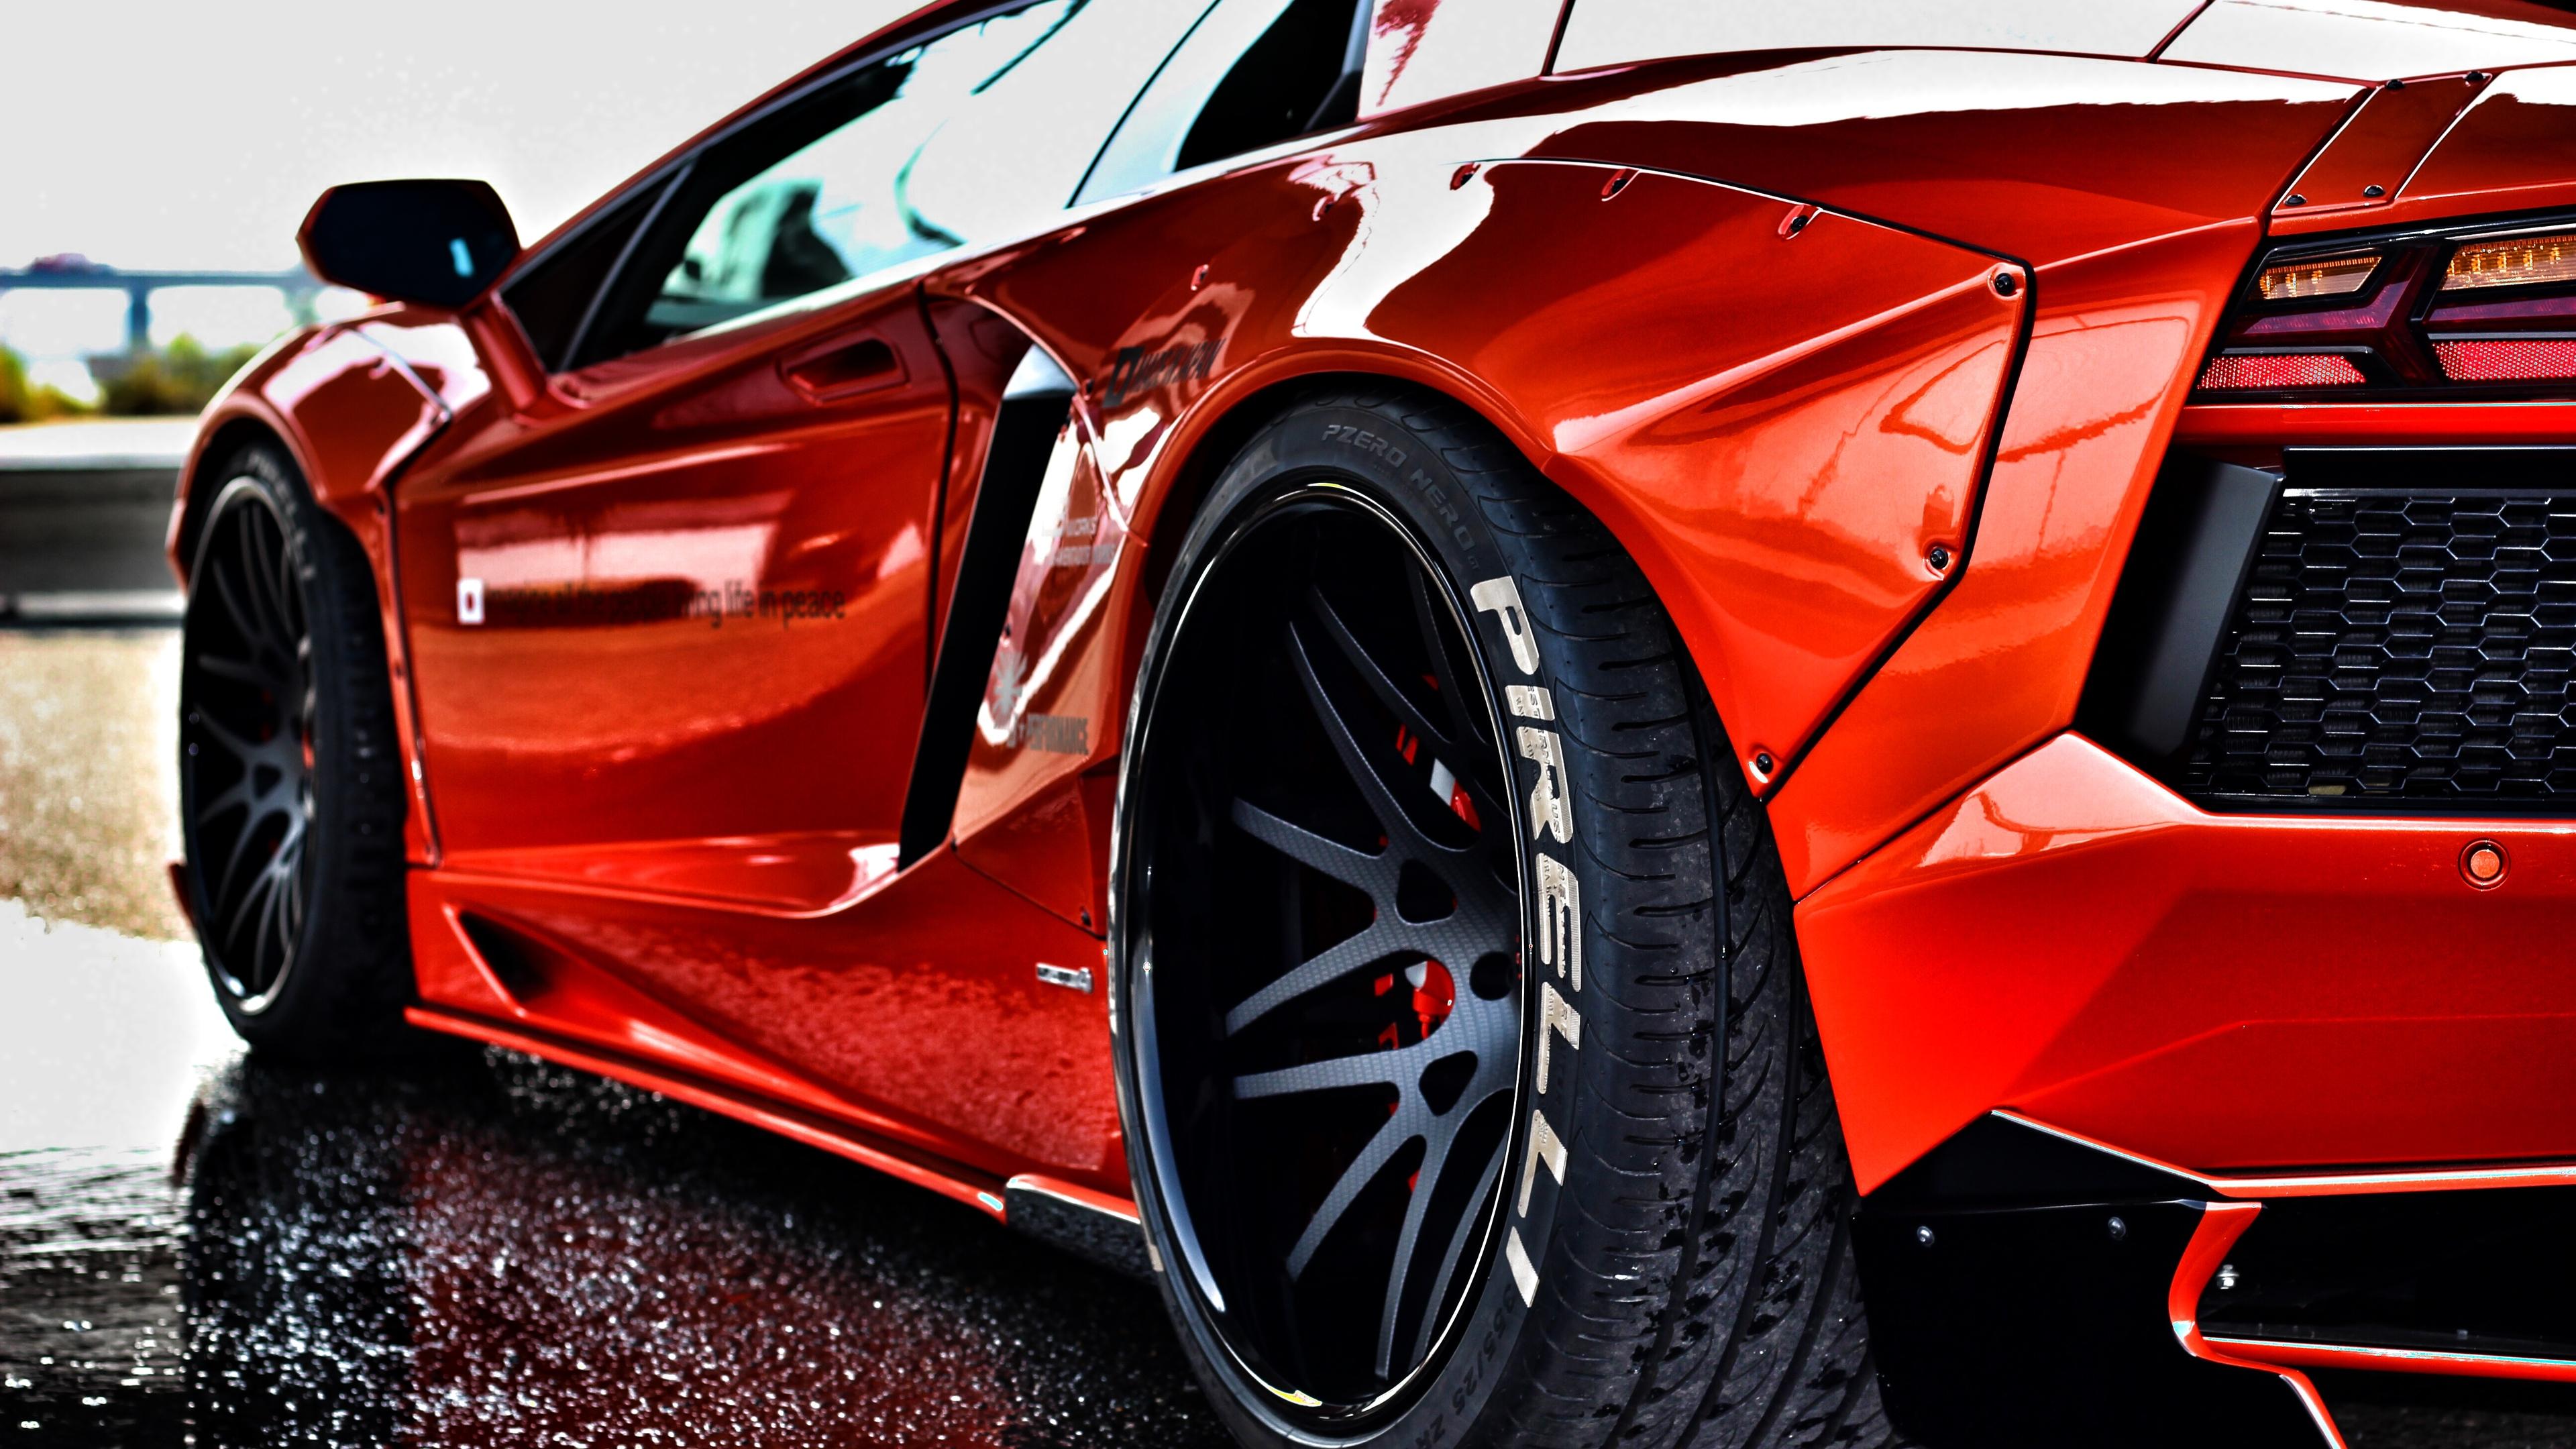 2048x2048 2018 Lamborghini Aventador Svj 4k Ipad Air Hd 4k: Red Lamborghini Aventador Rear Lamborghini Wallpapers